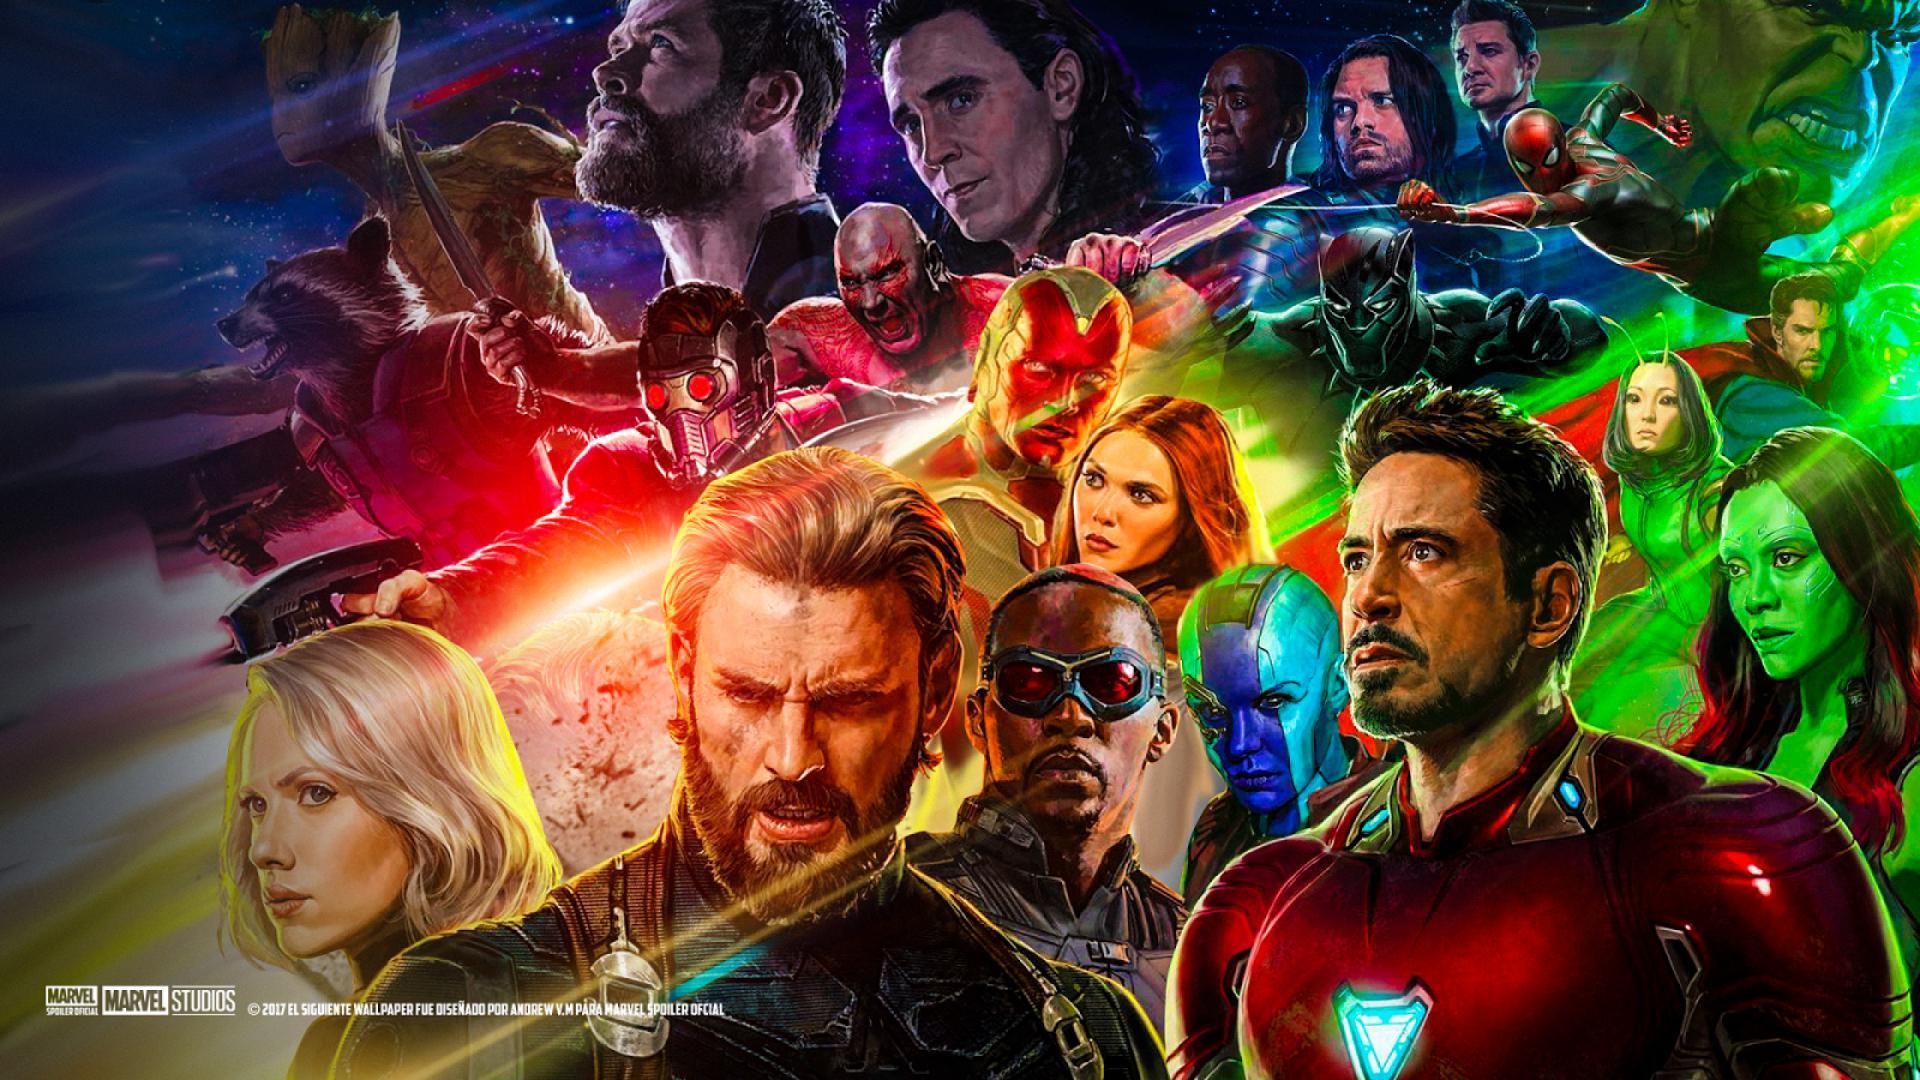 Мстители 3 Война бесконечности, Avengers 3 Infinity War, 2560 на 1440 пикселей